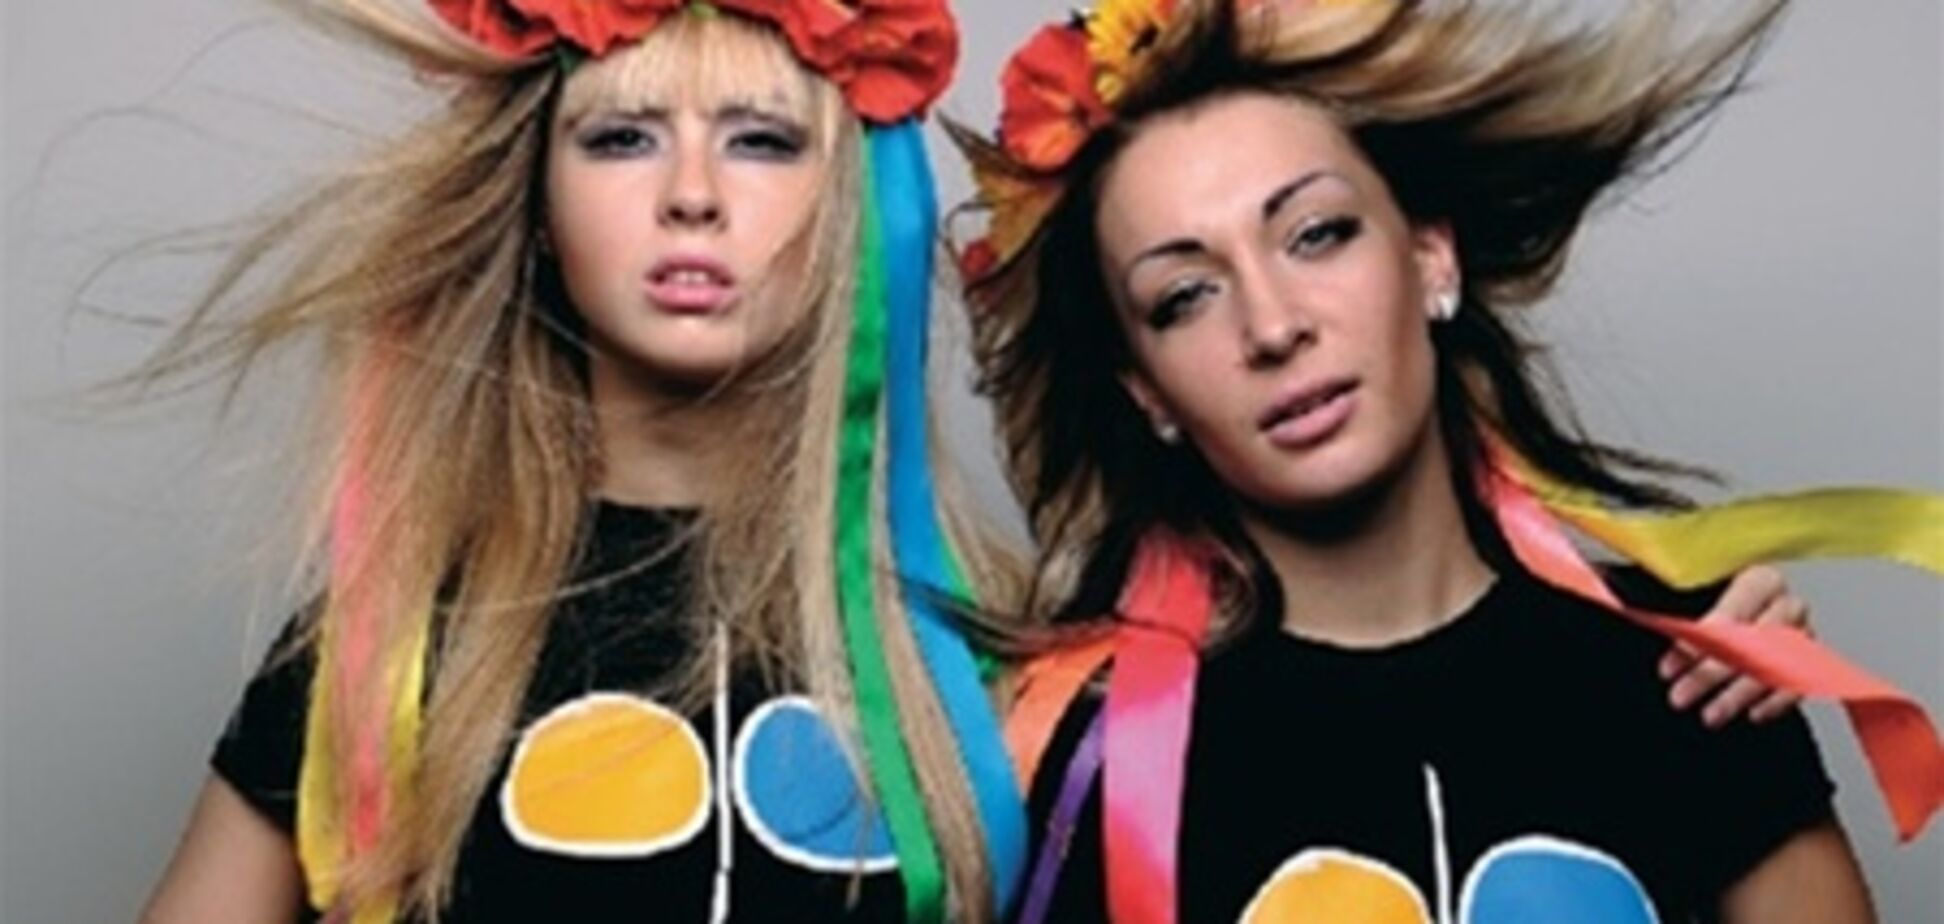 В России последовательница FEMEN завлекает активистов деньгами